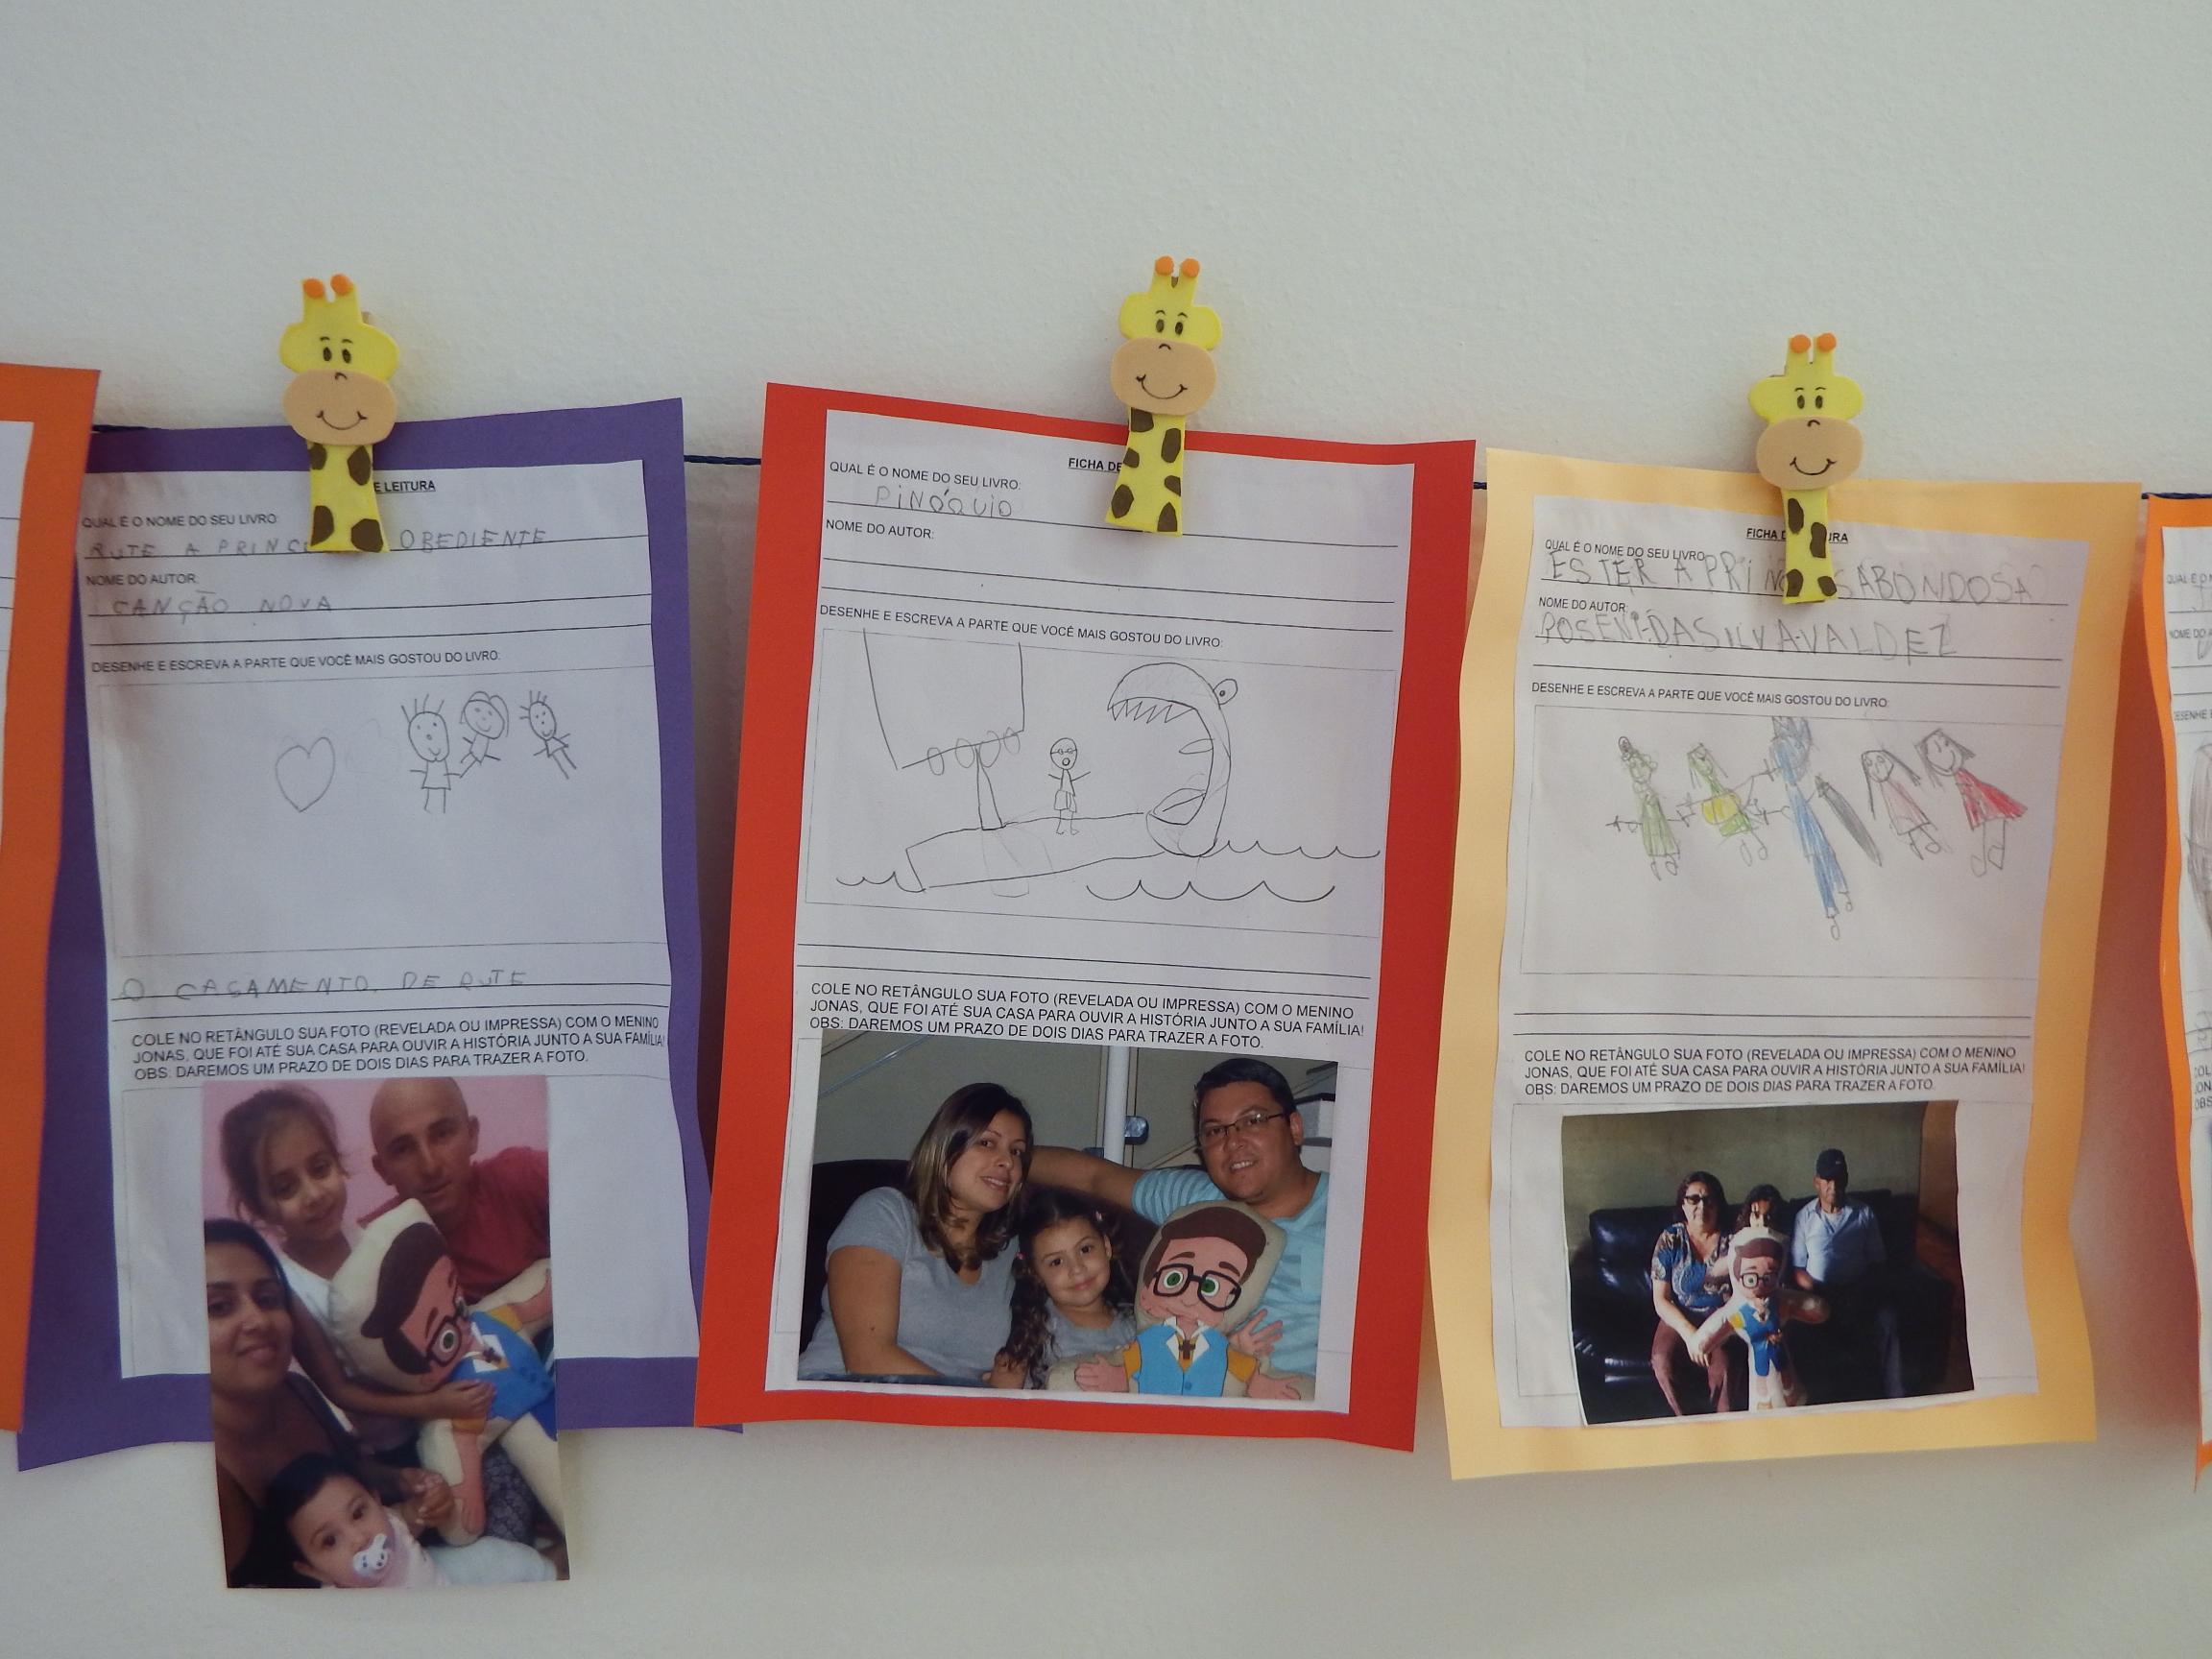 Varal da leitura, uma exposição das fichas feitas pelos alunos.